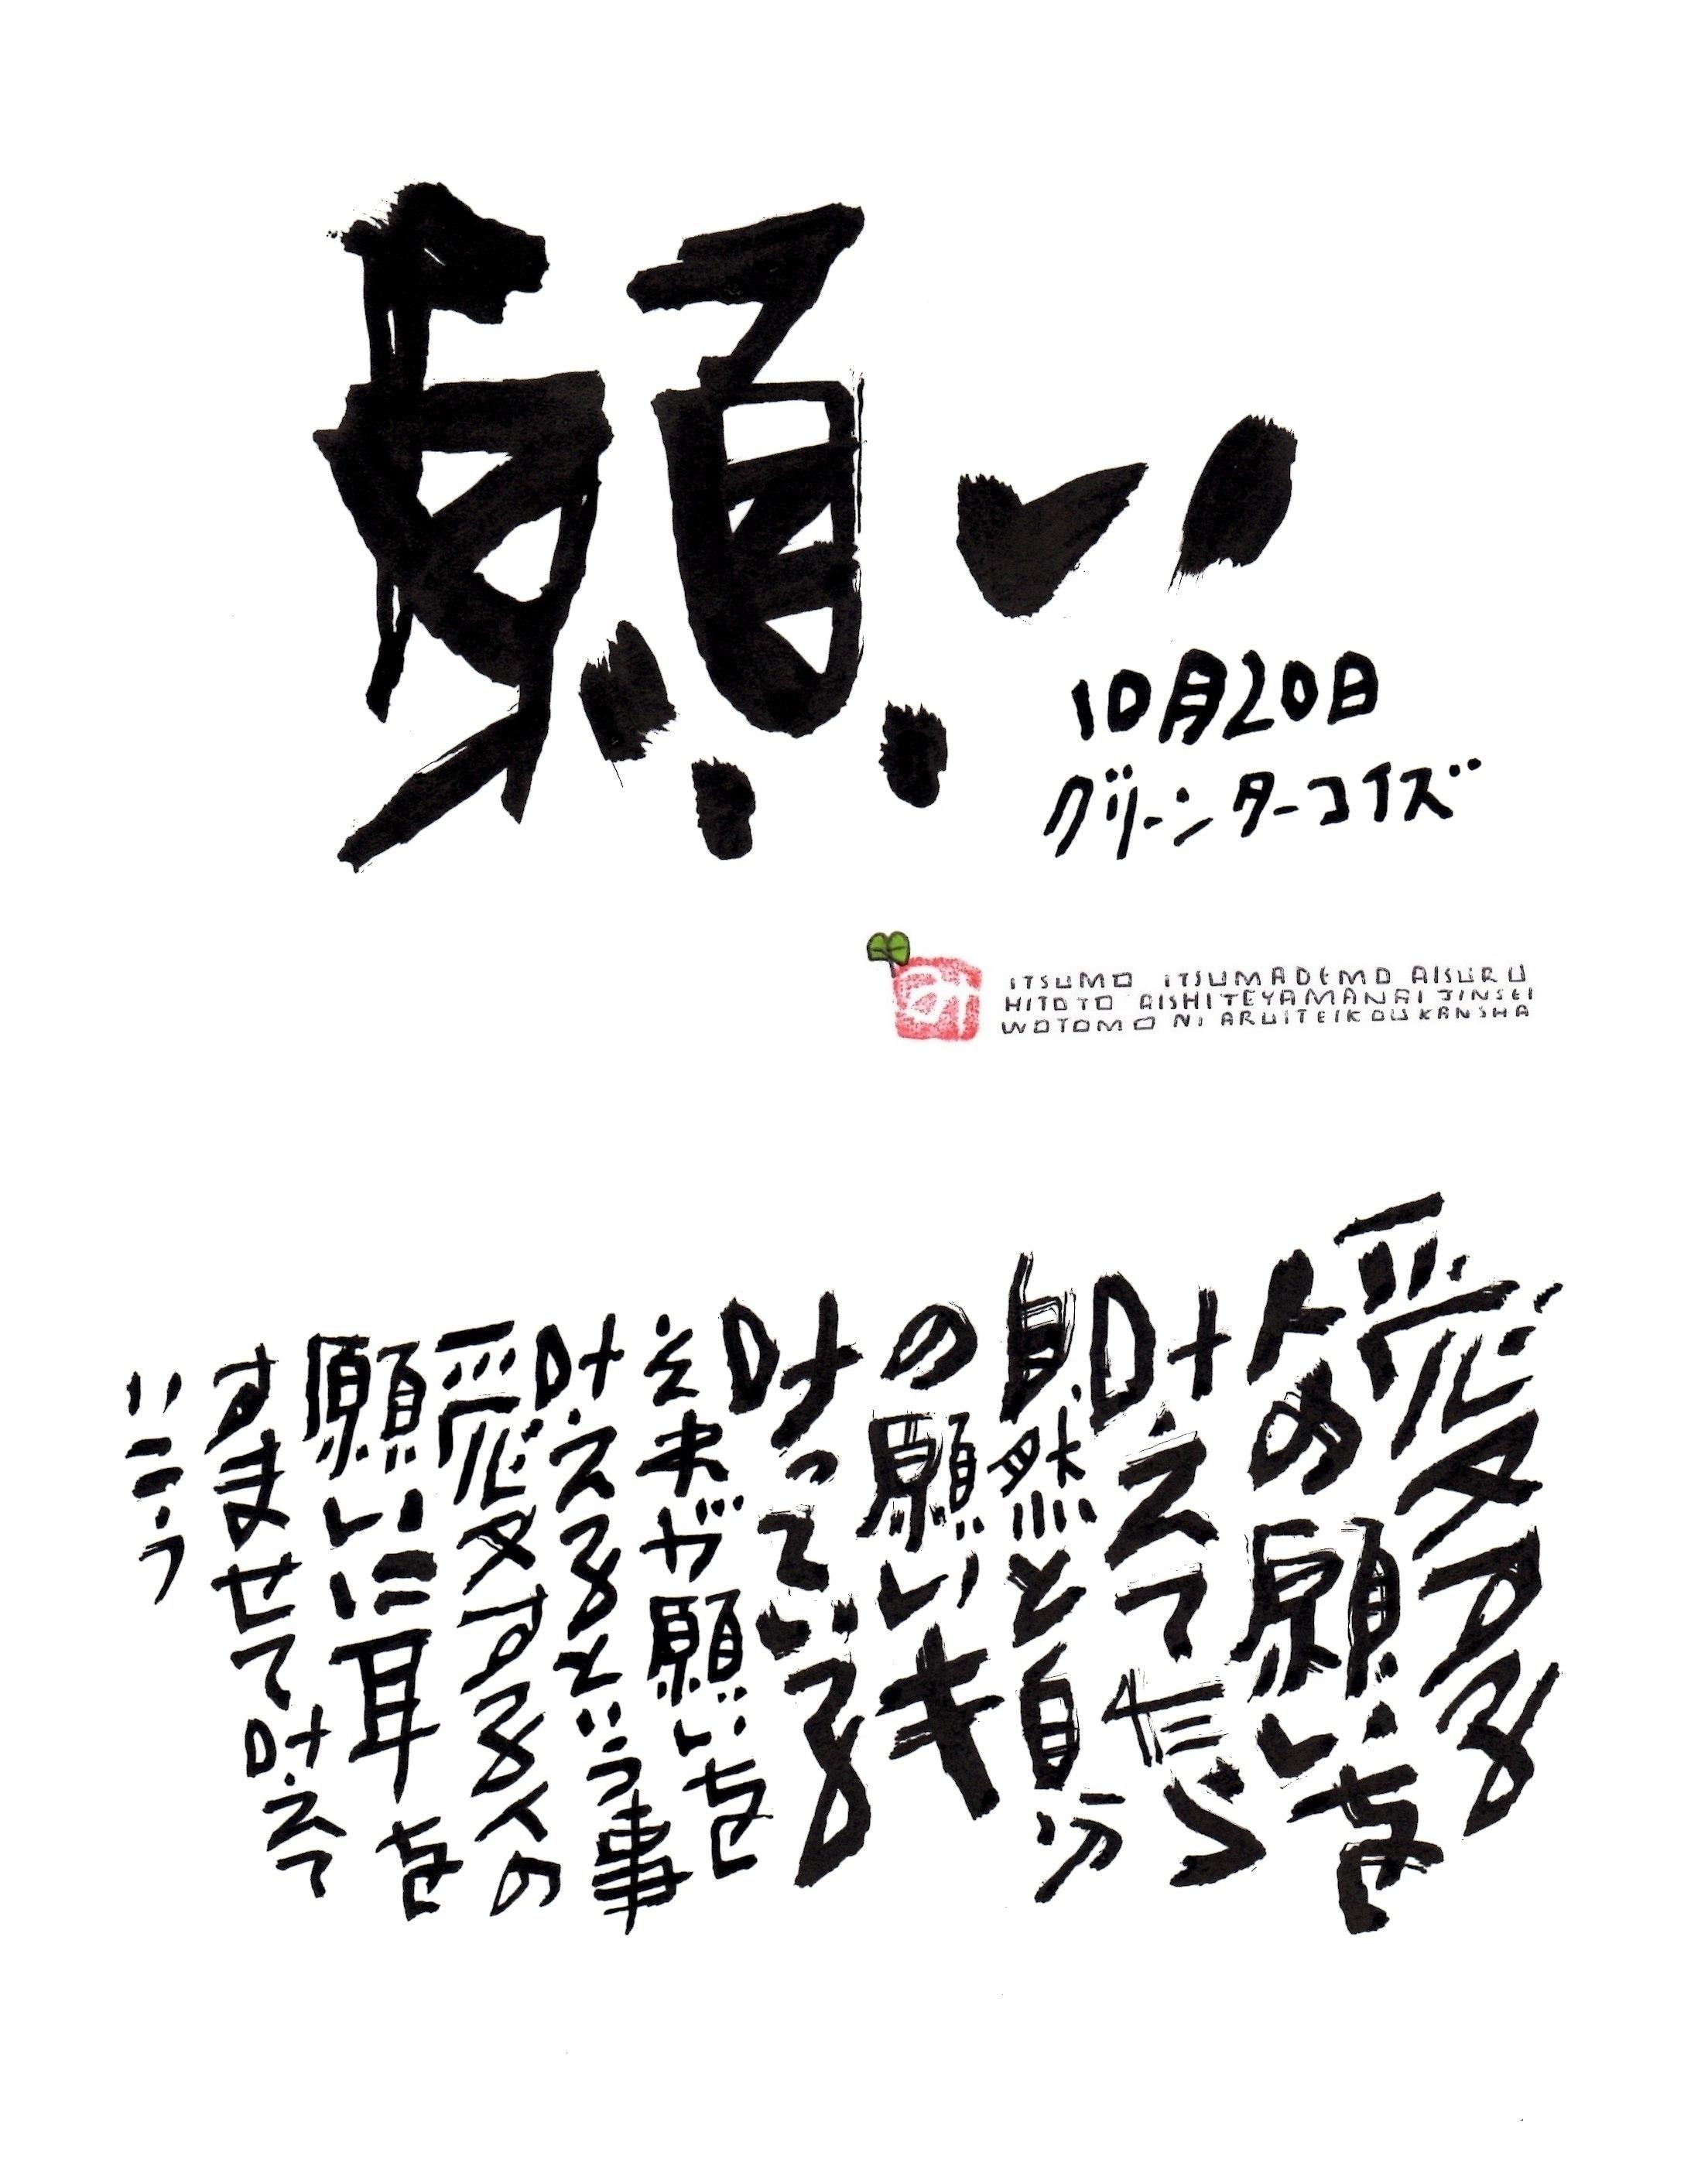 10月20日 結婚記念日ポストカード【願い】